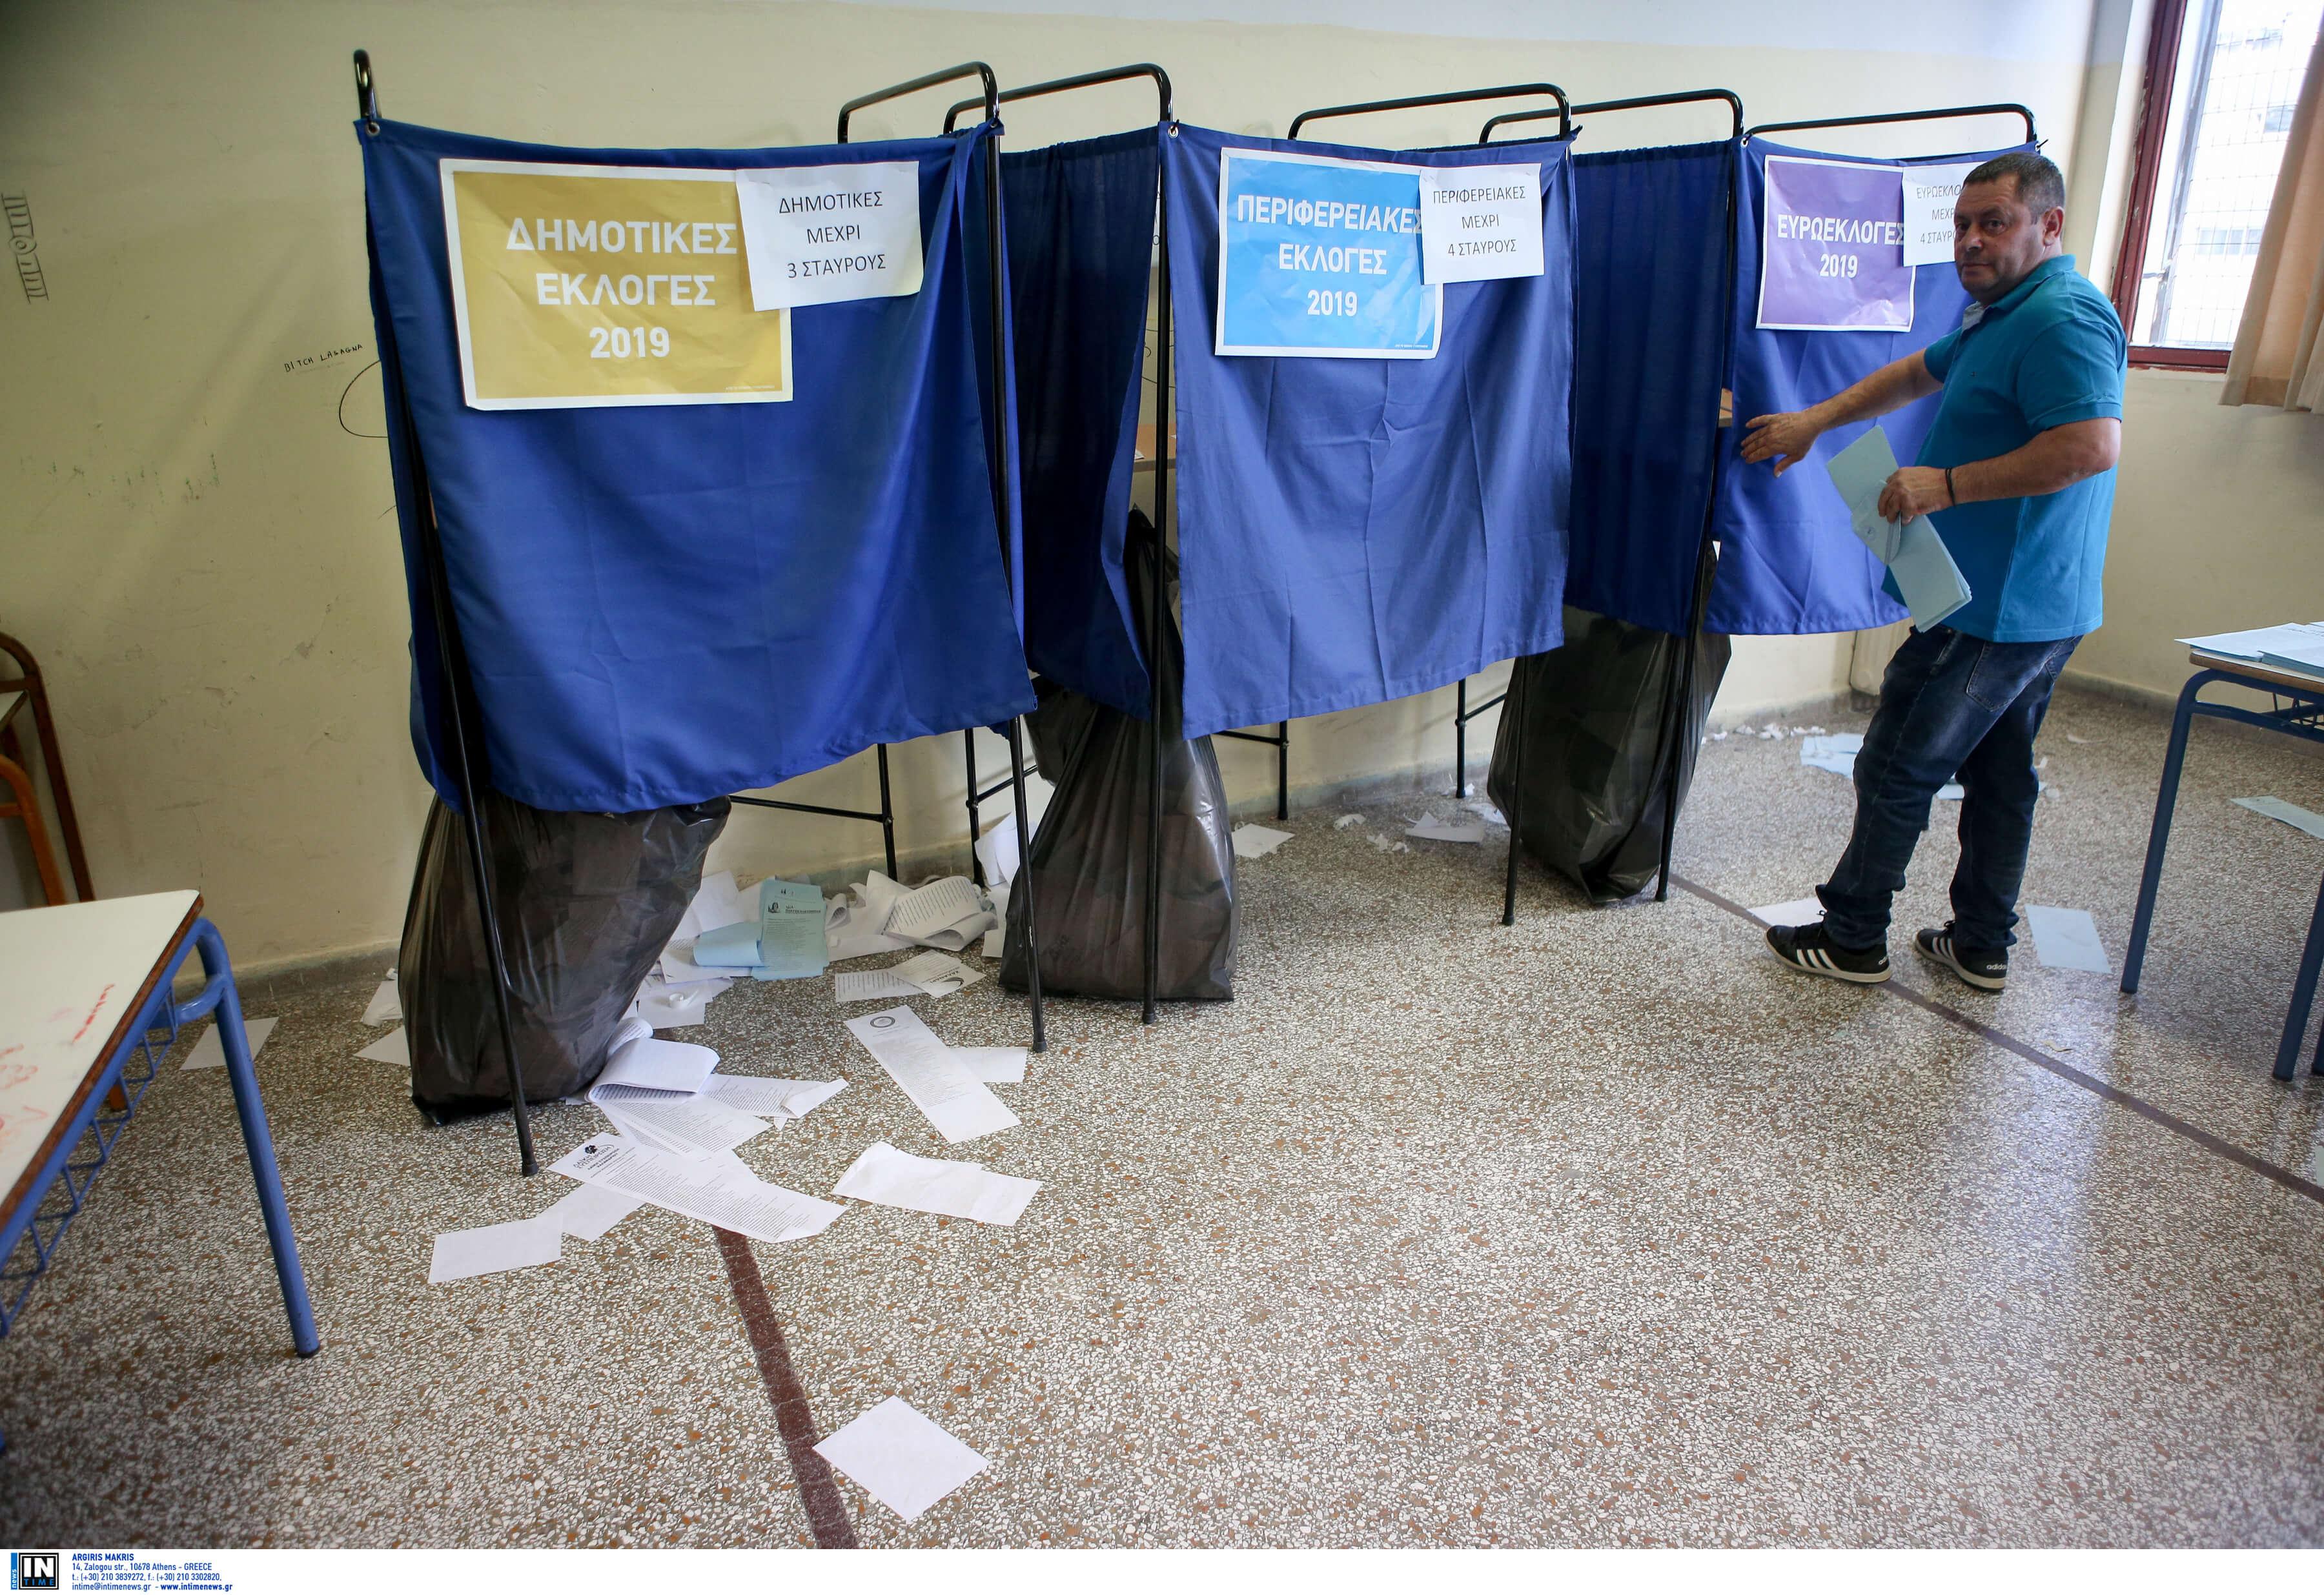 Αποτελέσματα Εκλογών Δήμος Γαλατσίου: Ποιοι δημοτικοί σύμβουλοι εκλέγονται